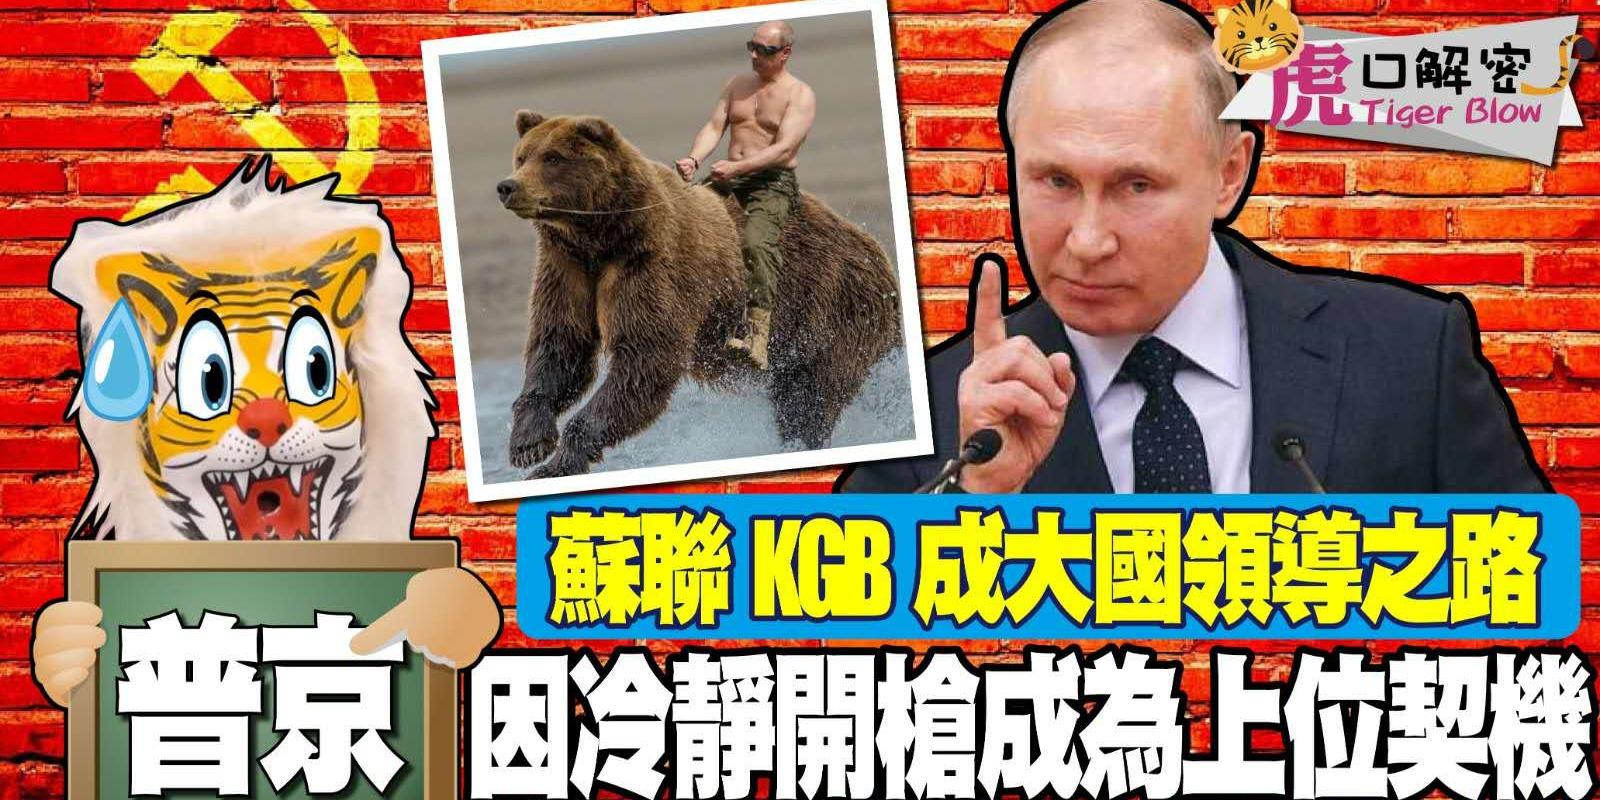 虎口解密|蘇聯KGB成大國領導之路 普京因冷靜開槍成為上位契機